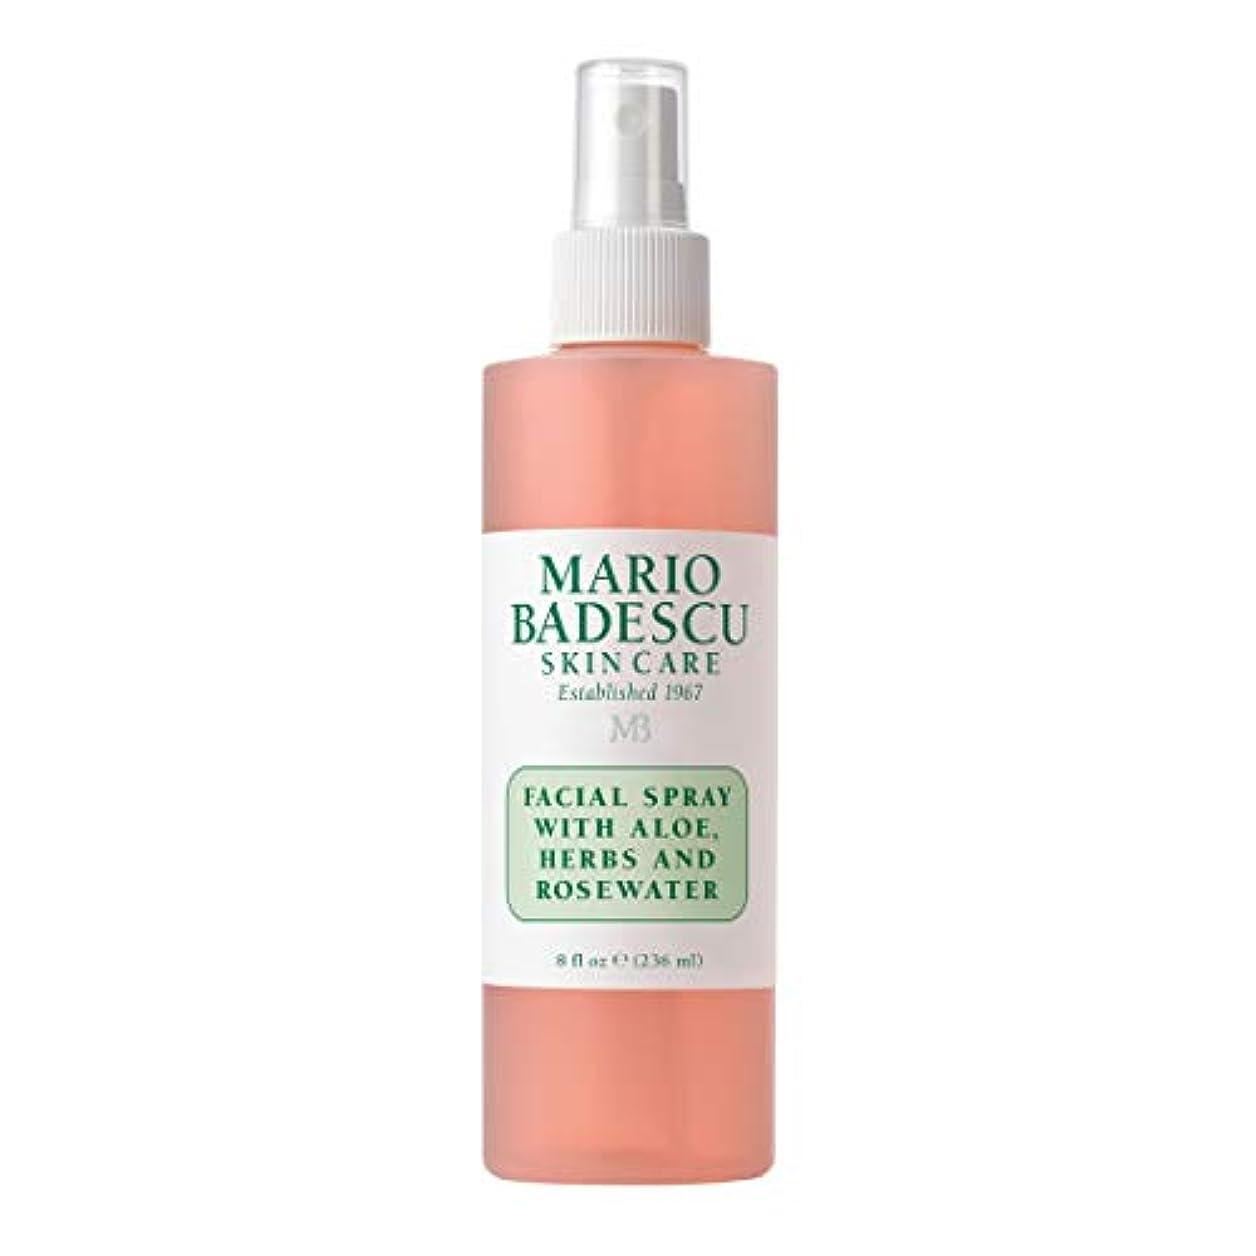 不適切なパンチ気まぐれなマリオ バデスク Facial Spray with Aloe, Herbs & Rosewater - For All Skin Types 236ml/8oz並行輸入品